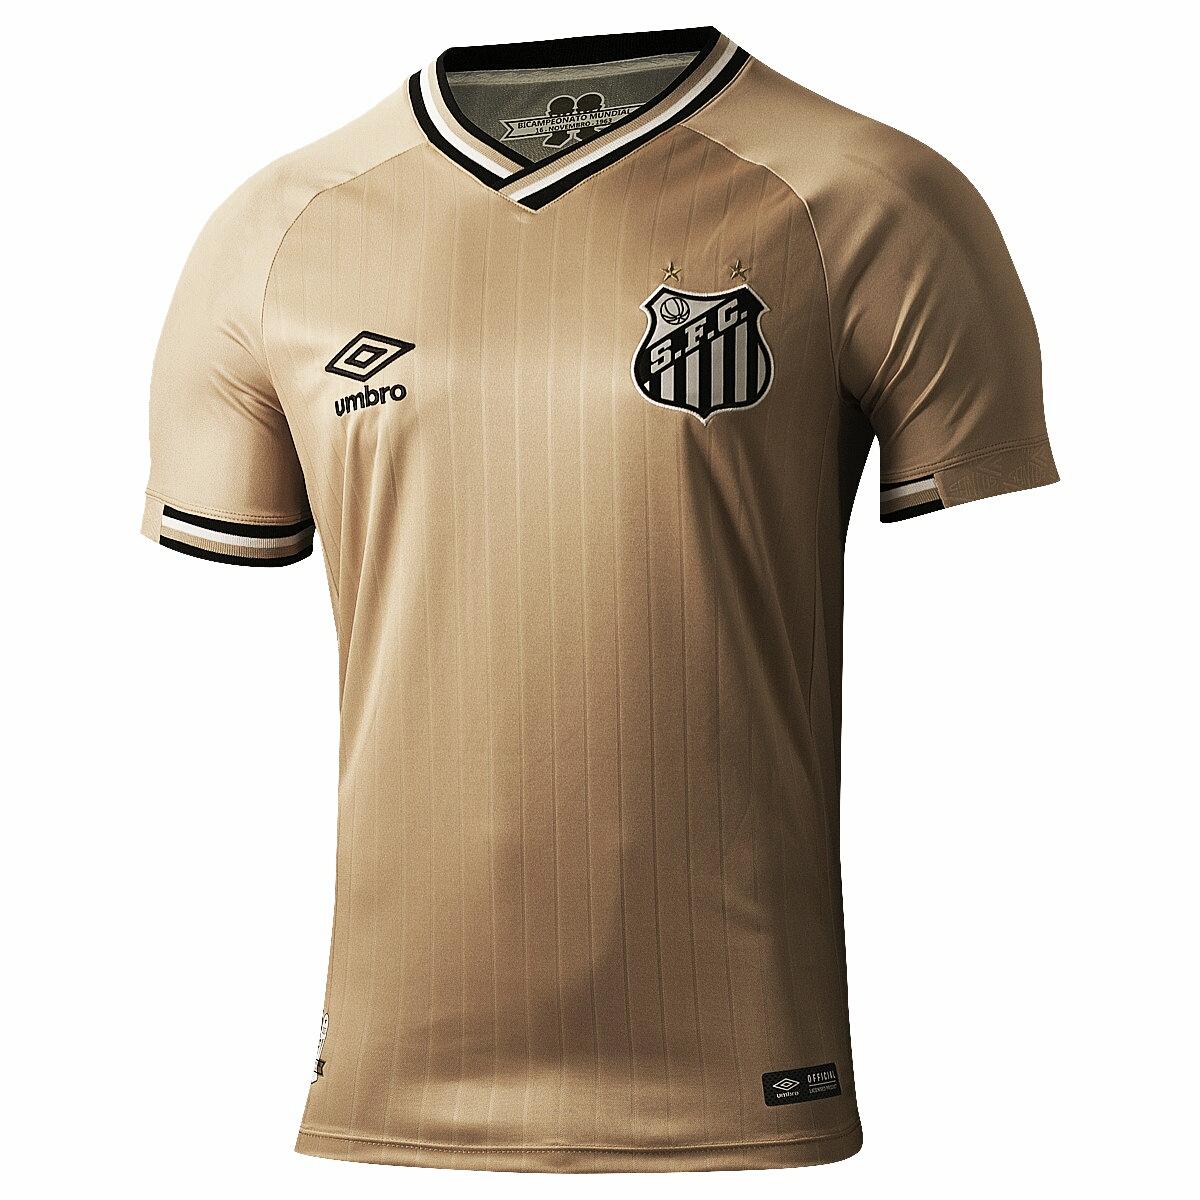 Novo terceiro uniforme do Santos vaza na internet antes do lançamento oficial